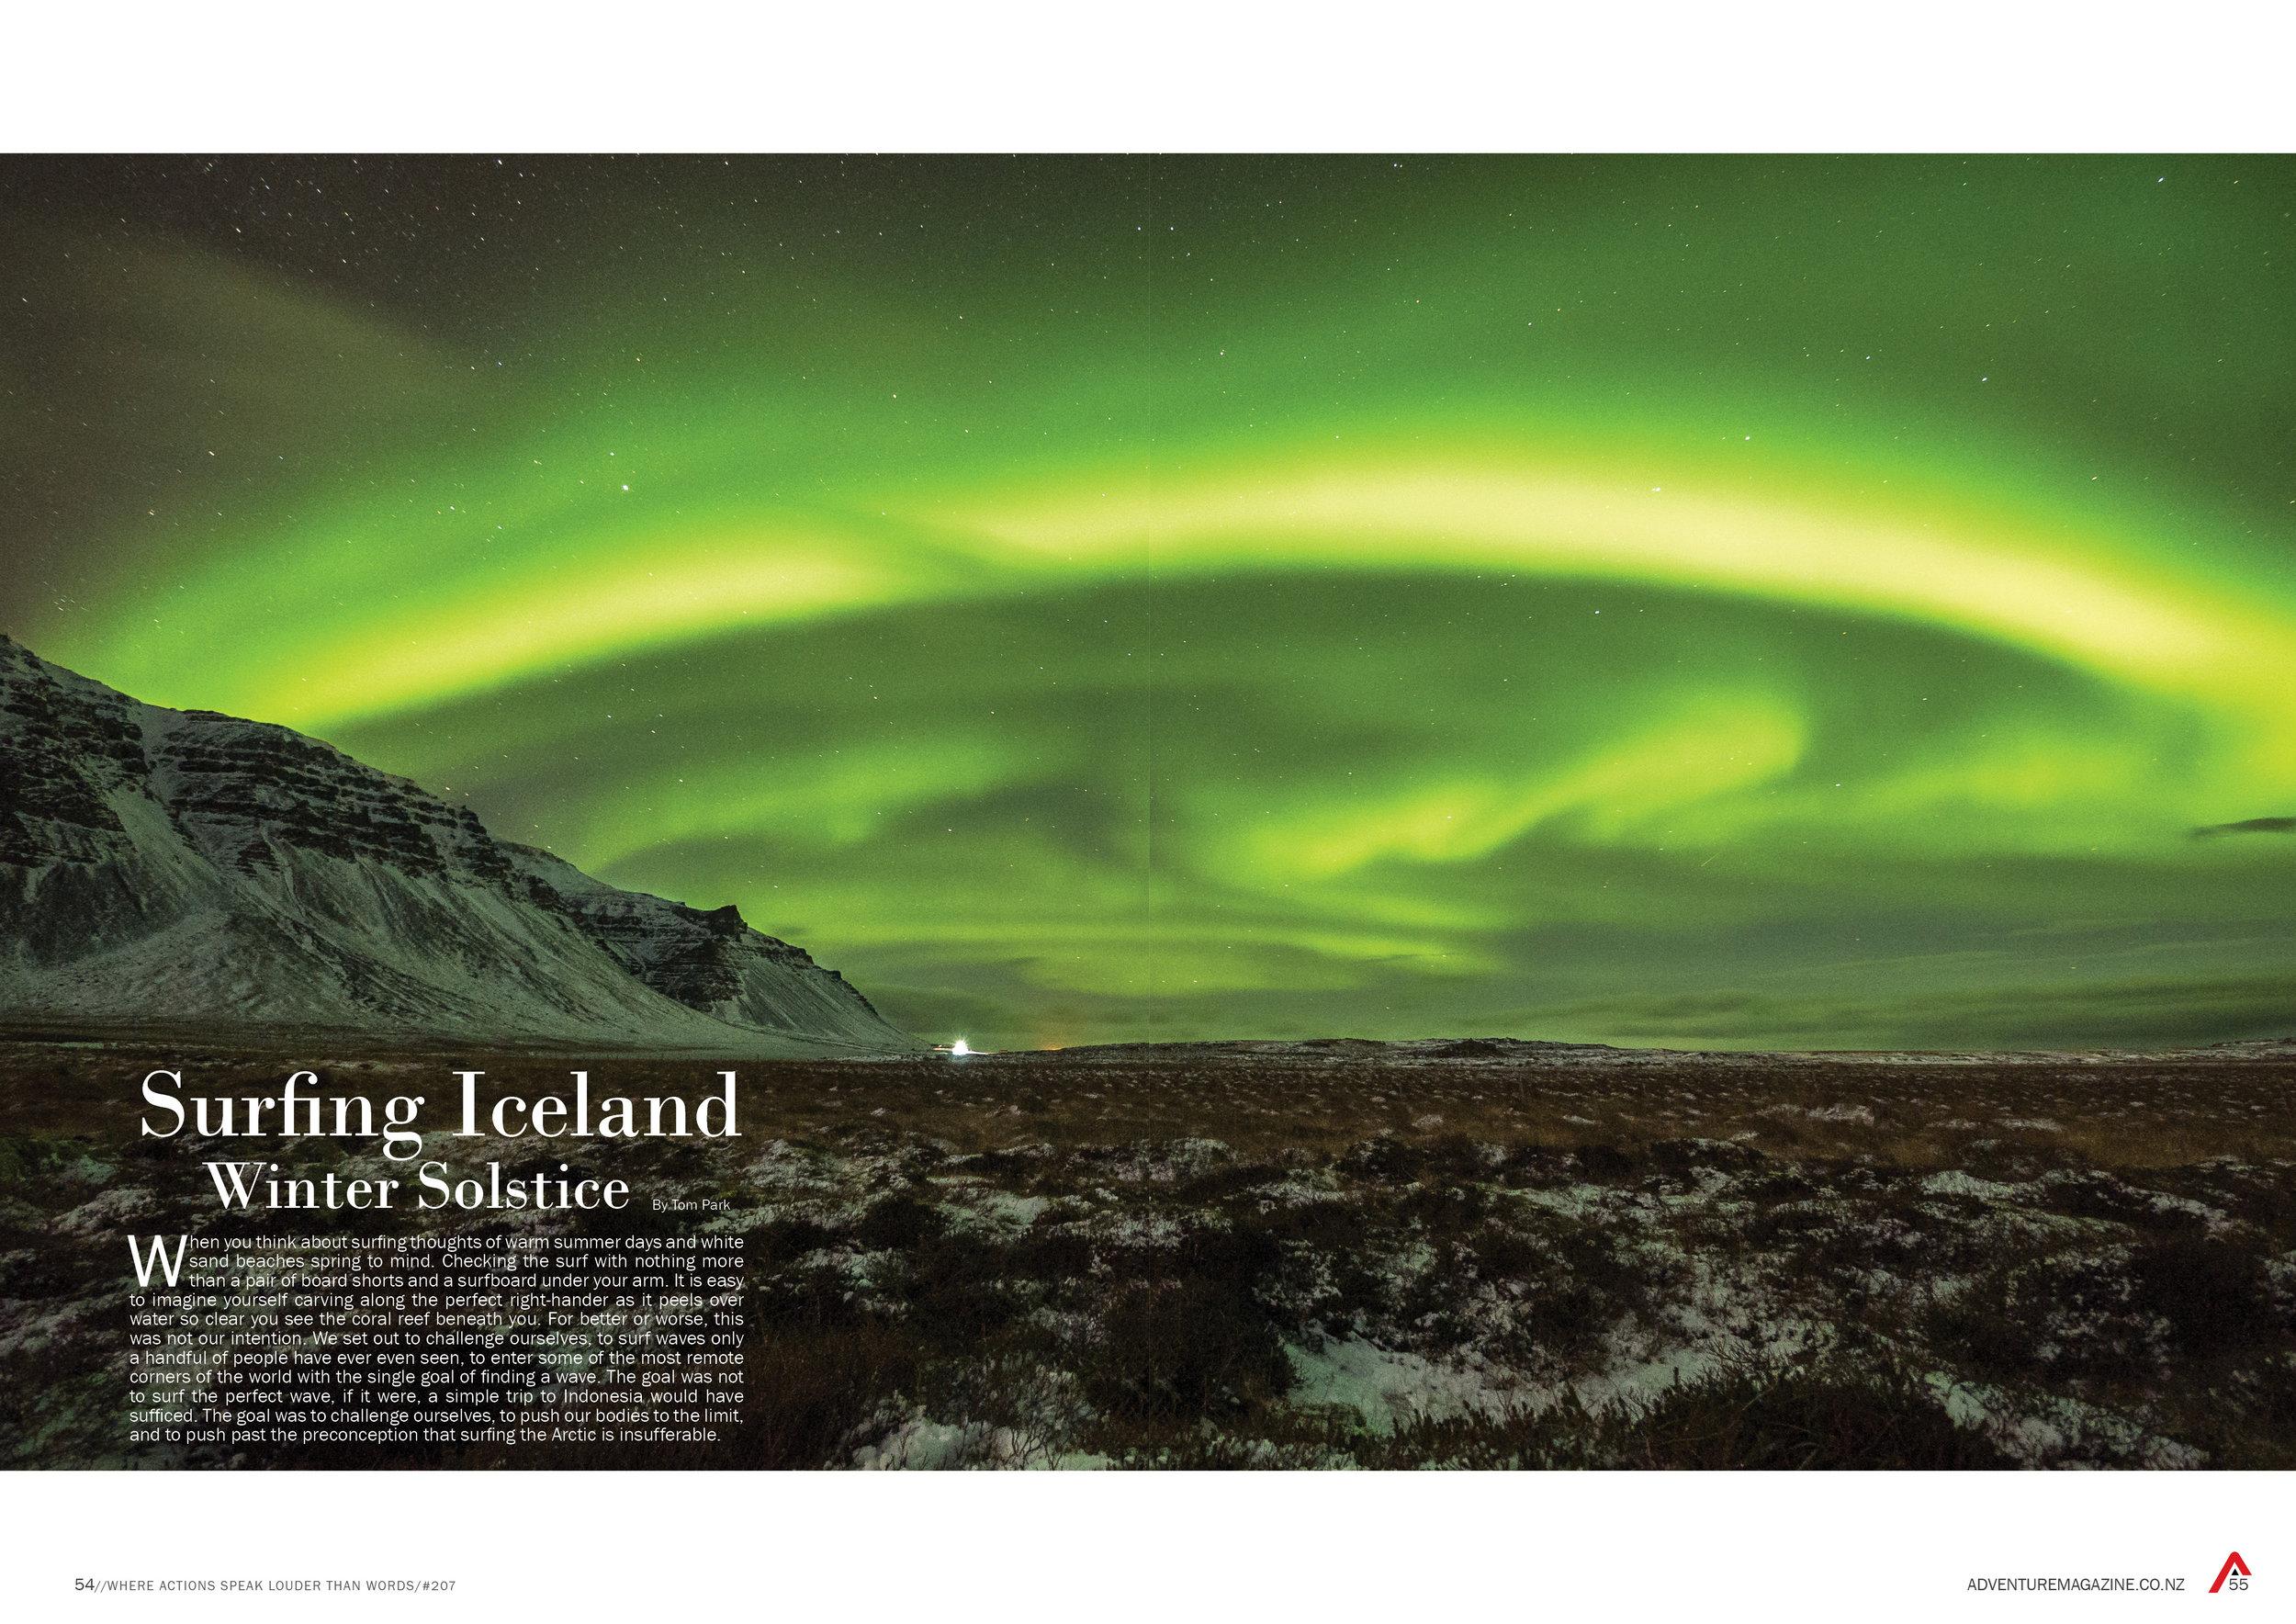 Publication in Adventure Magazine.